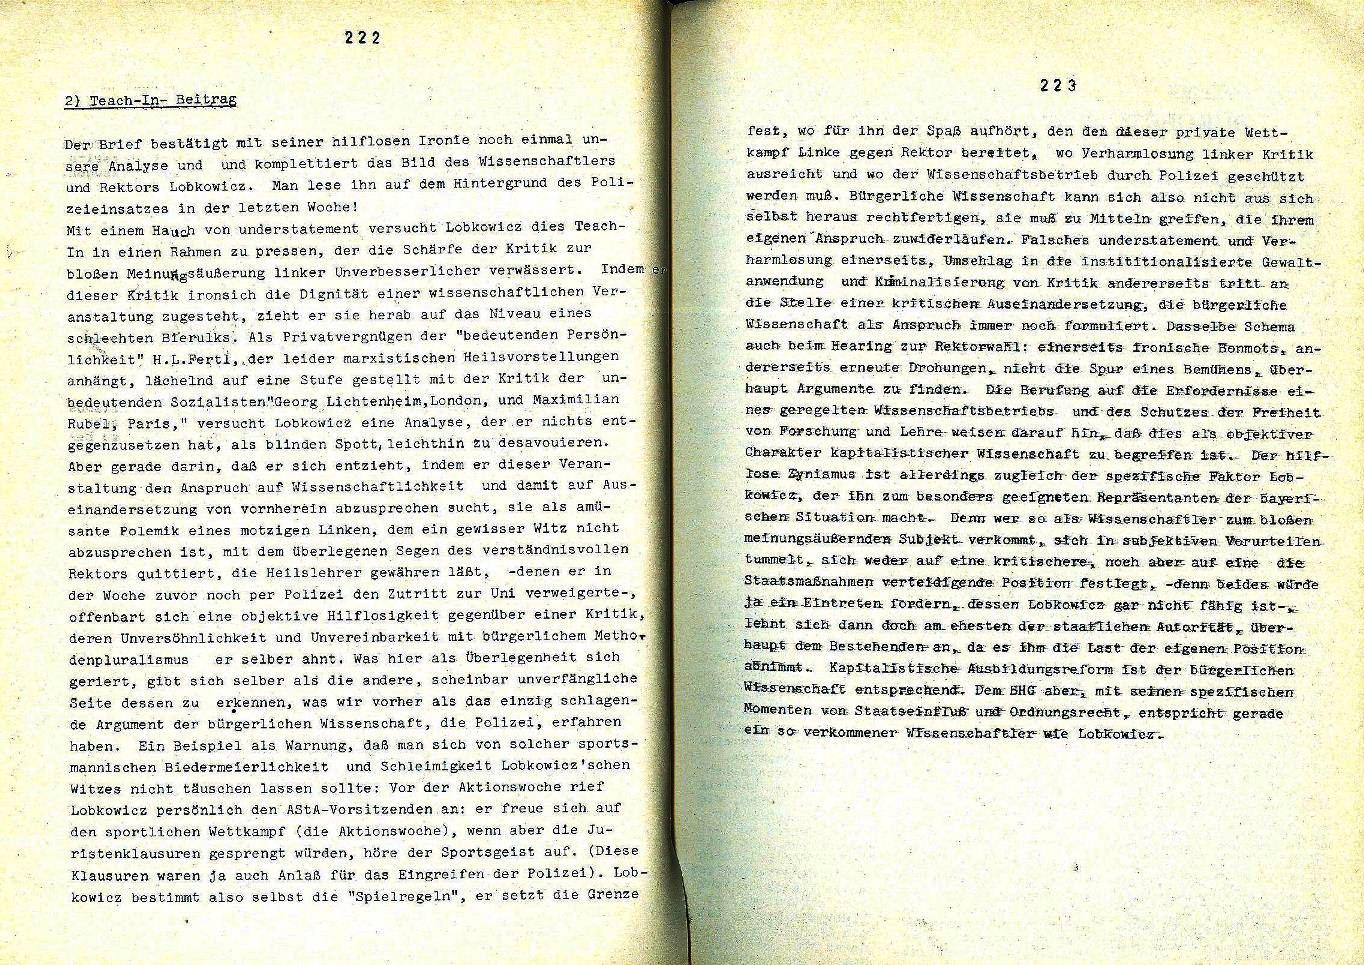 Muenchen_AK_Sozialistisches_Studium116